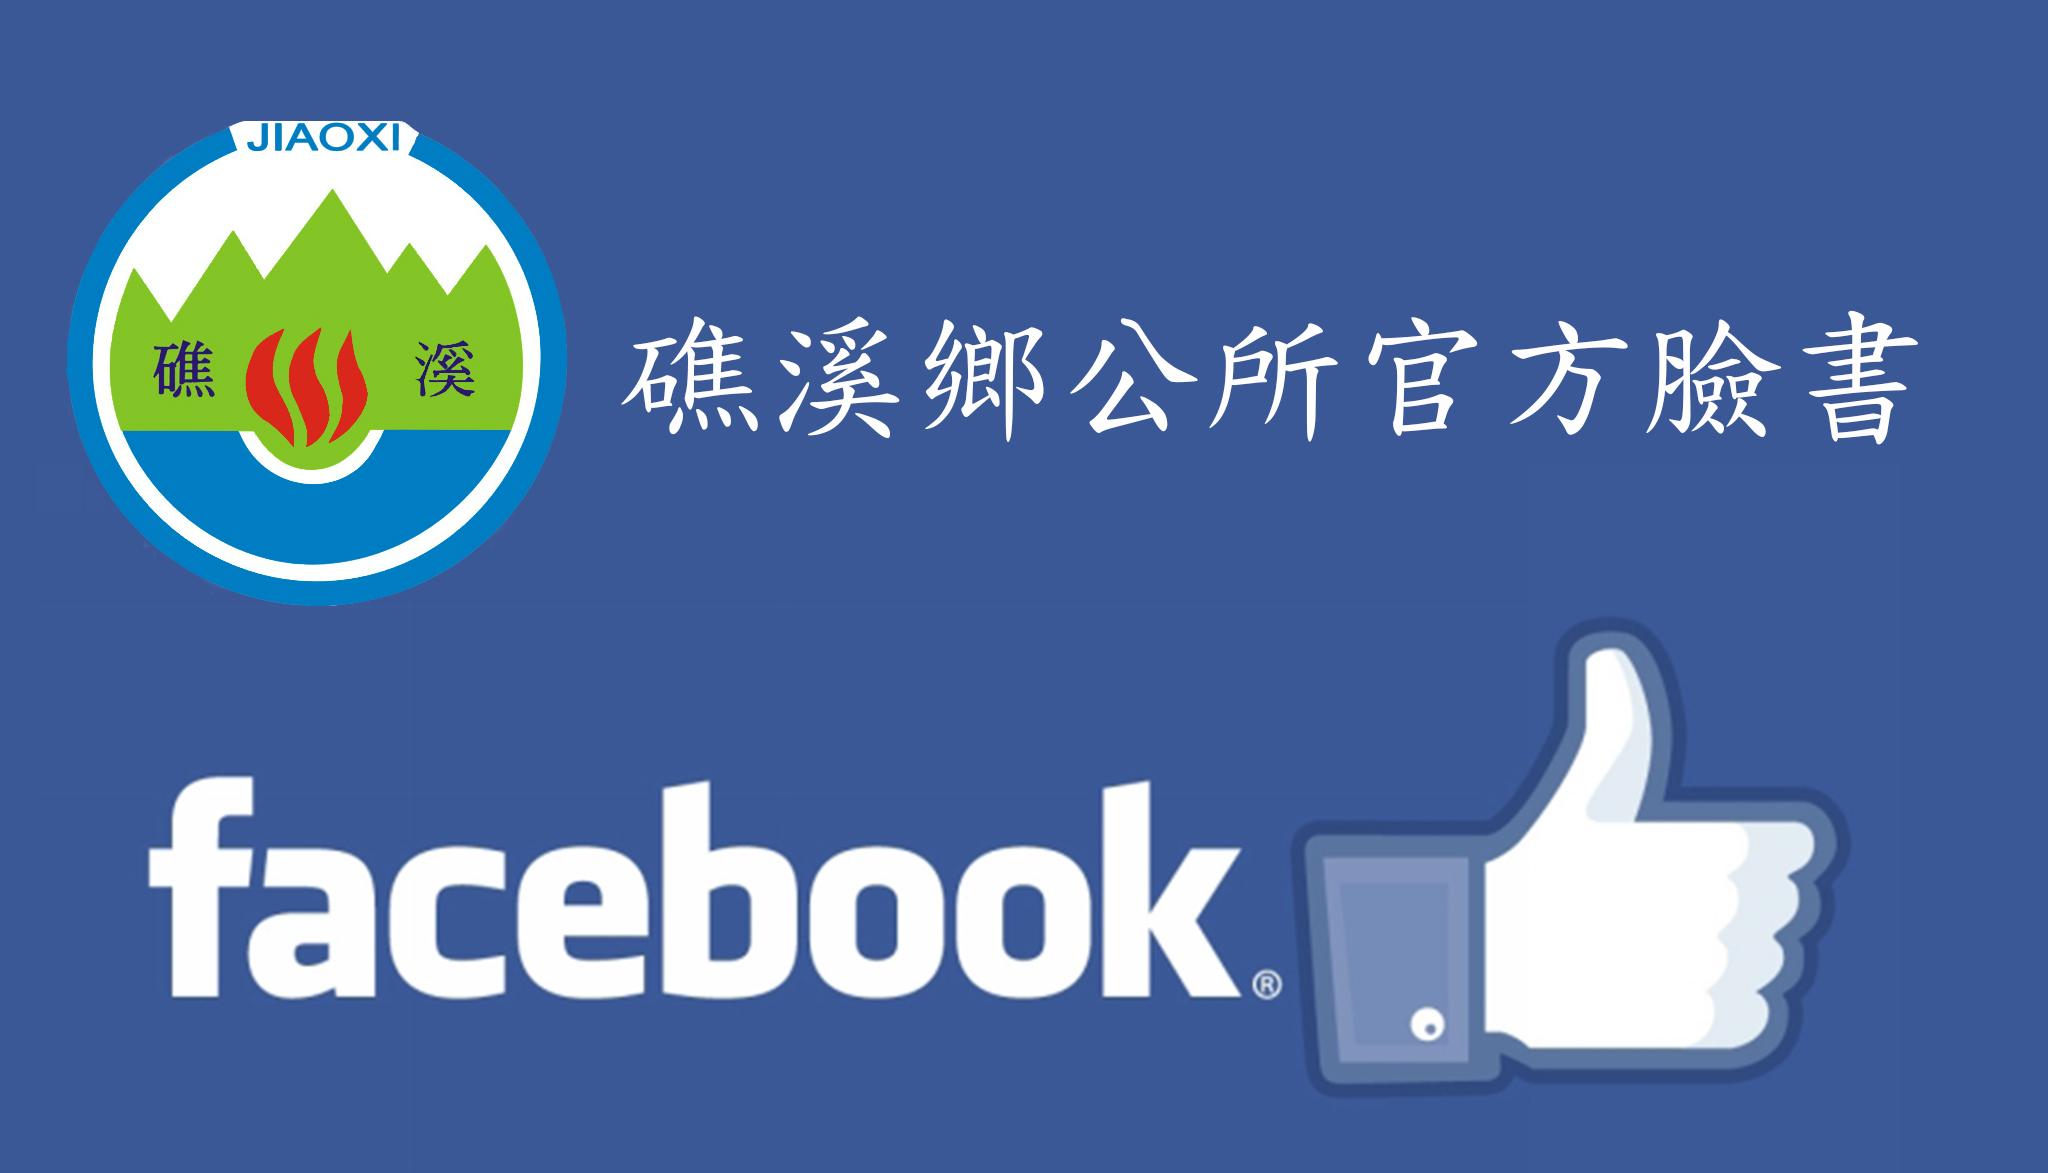 礁溪鄉公所臉書粉絲